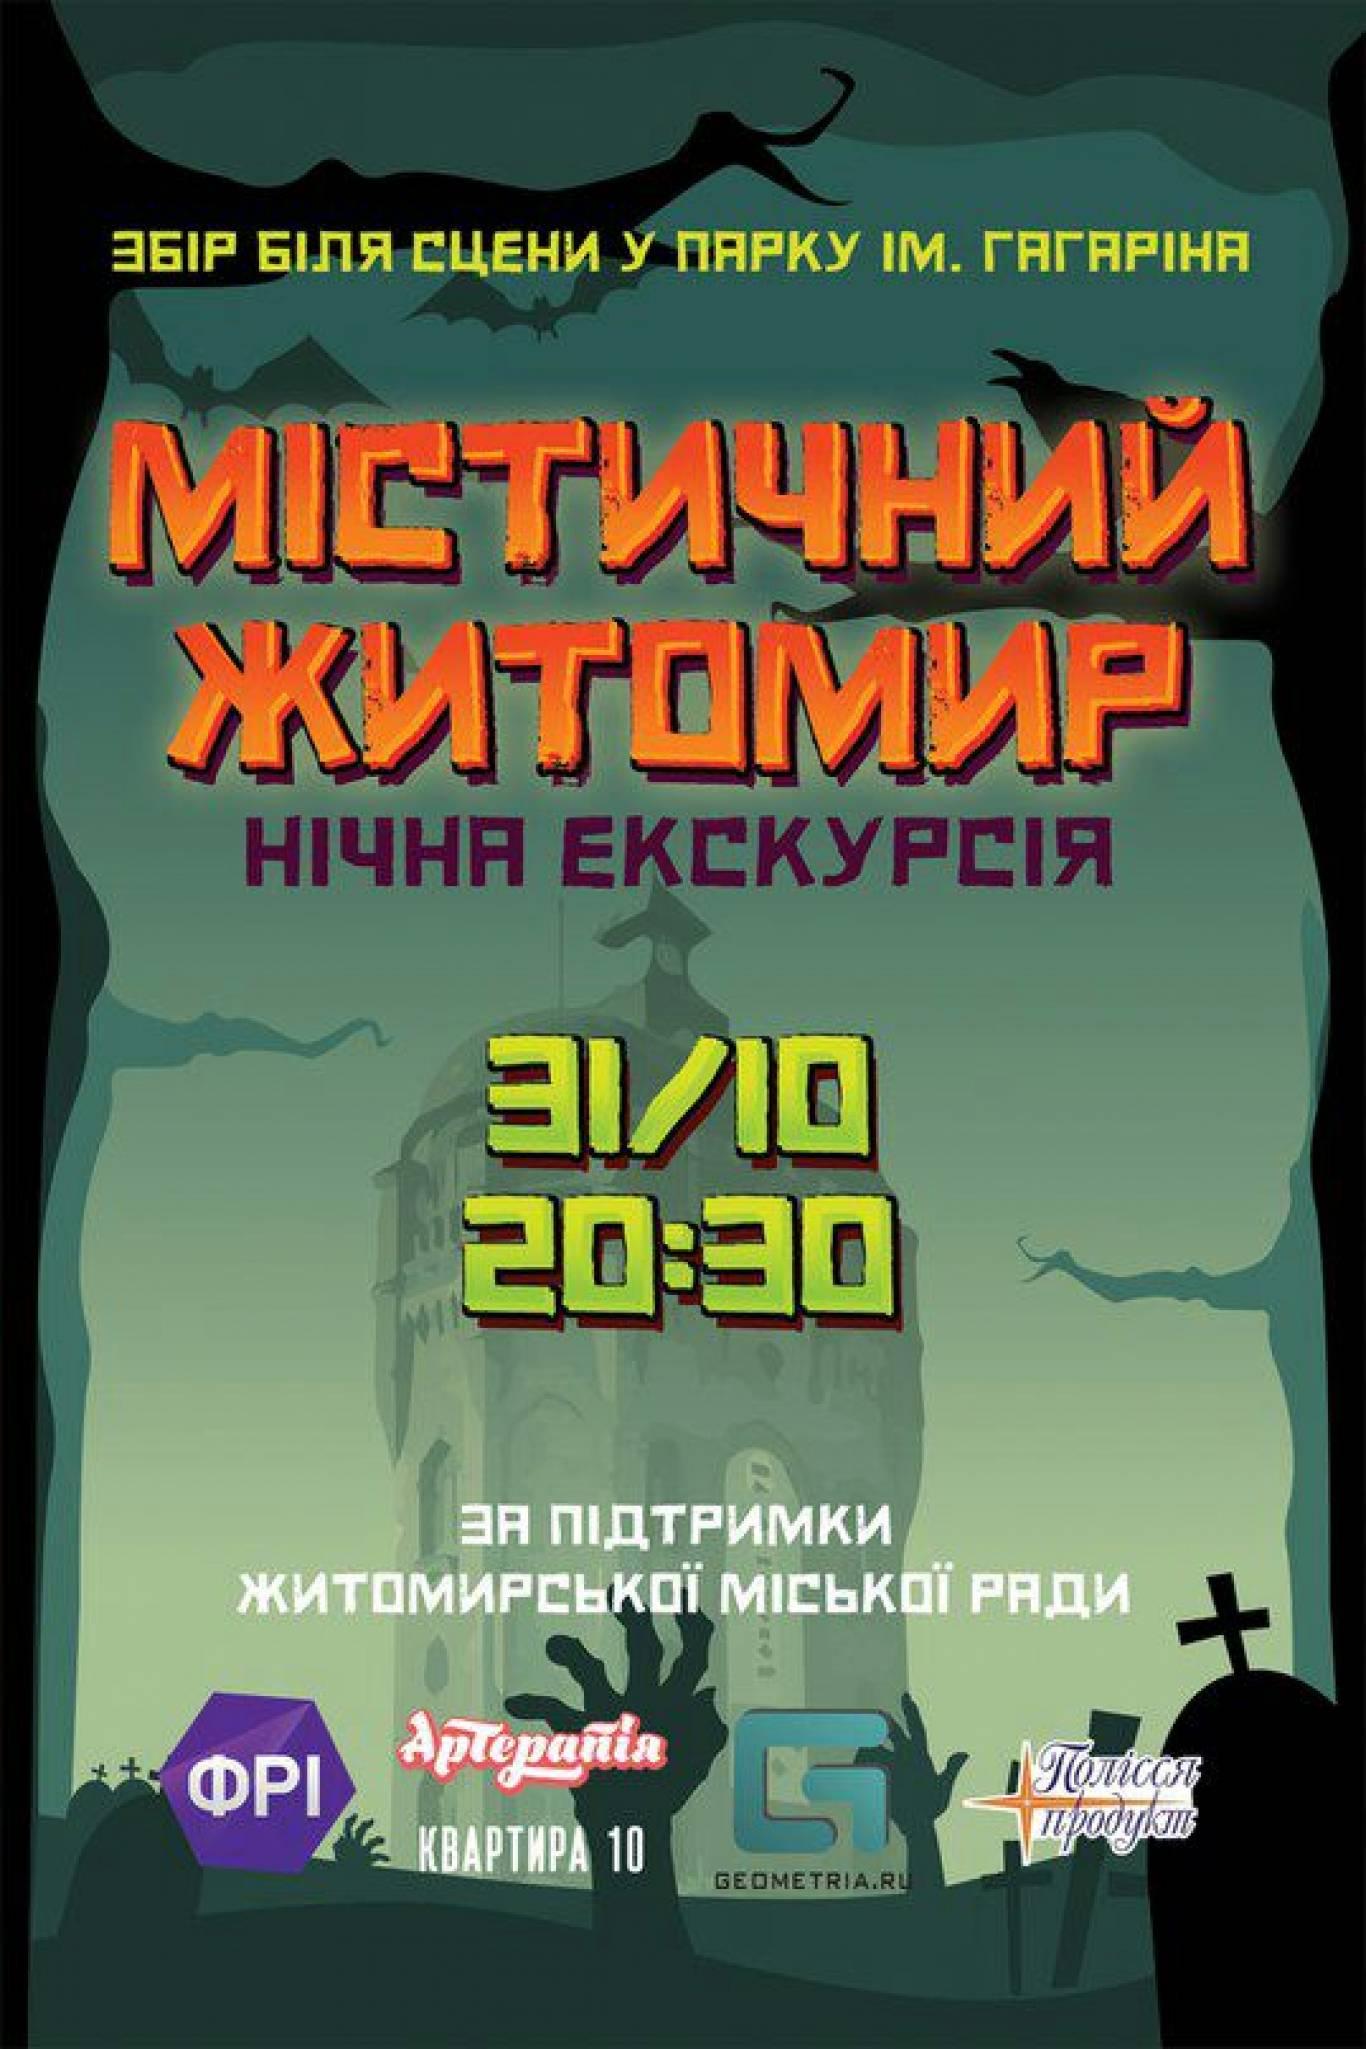 Містичний Житомир (нічна екскурсія)